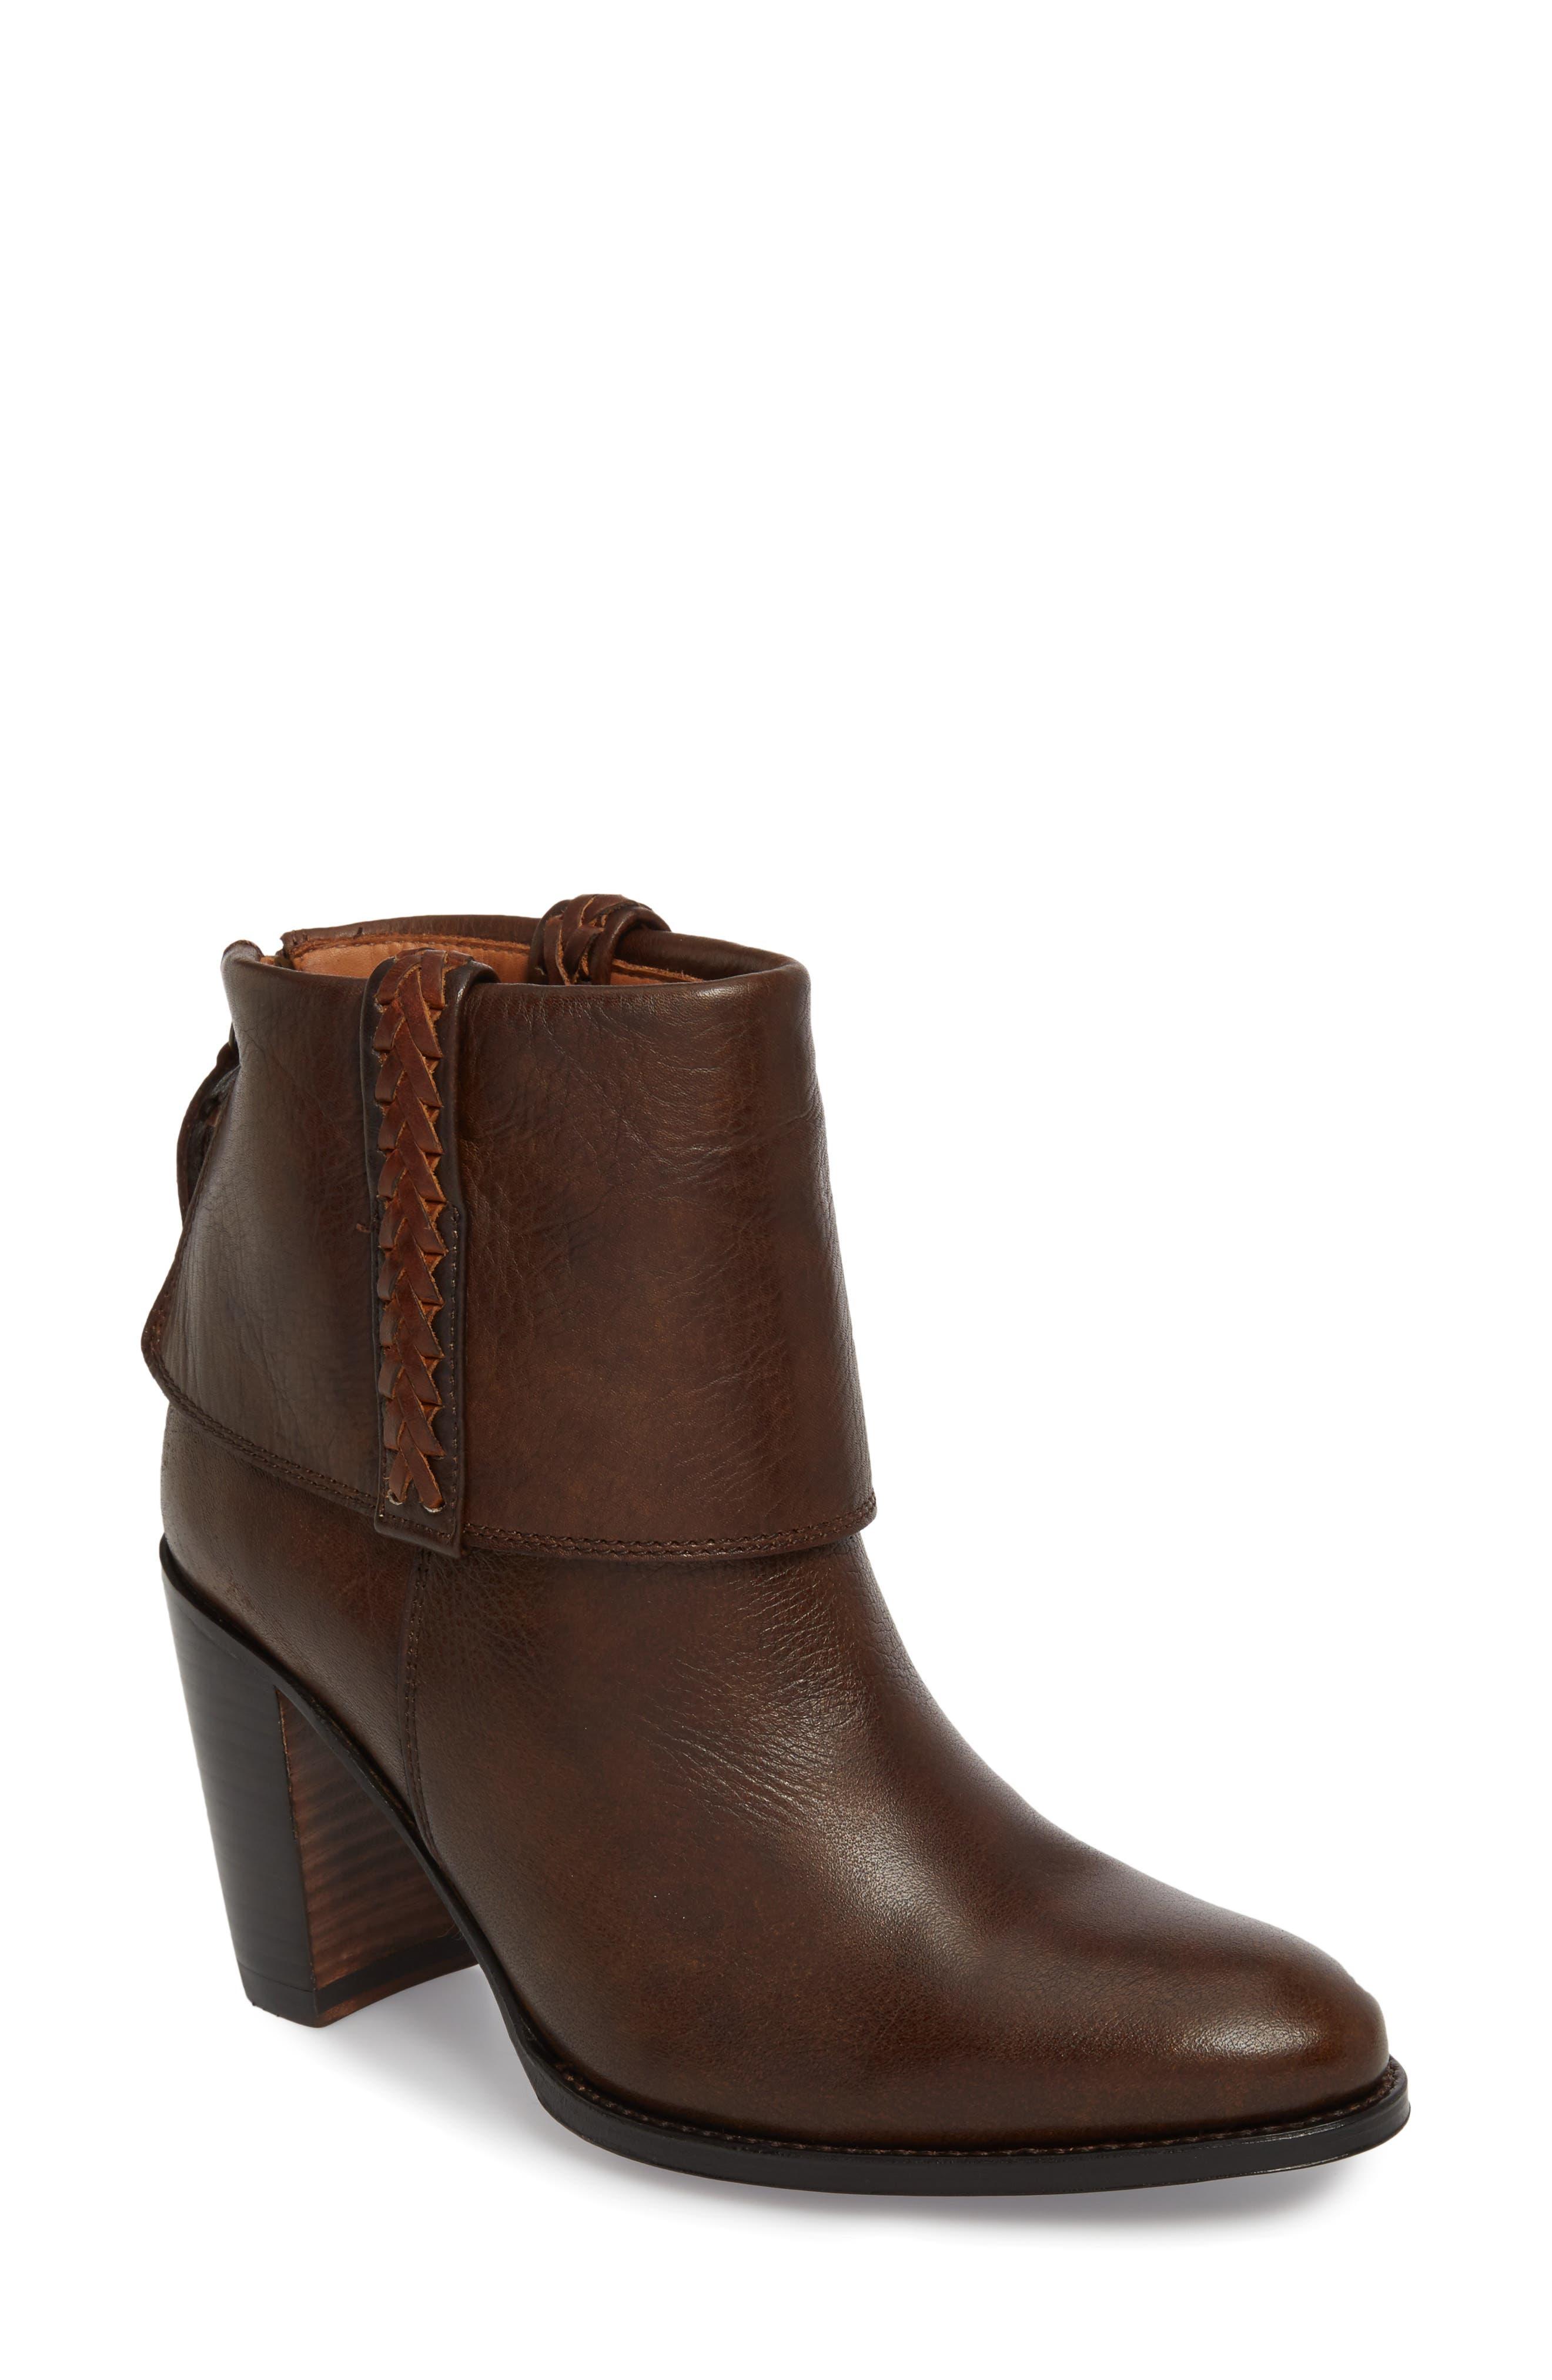 Suances Bootie,                             Main thumbnail 1, color,                             Cognac Leather